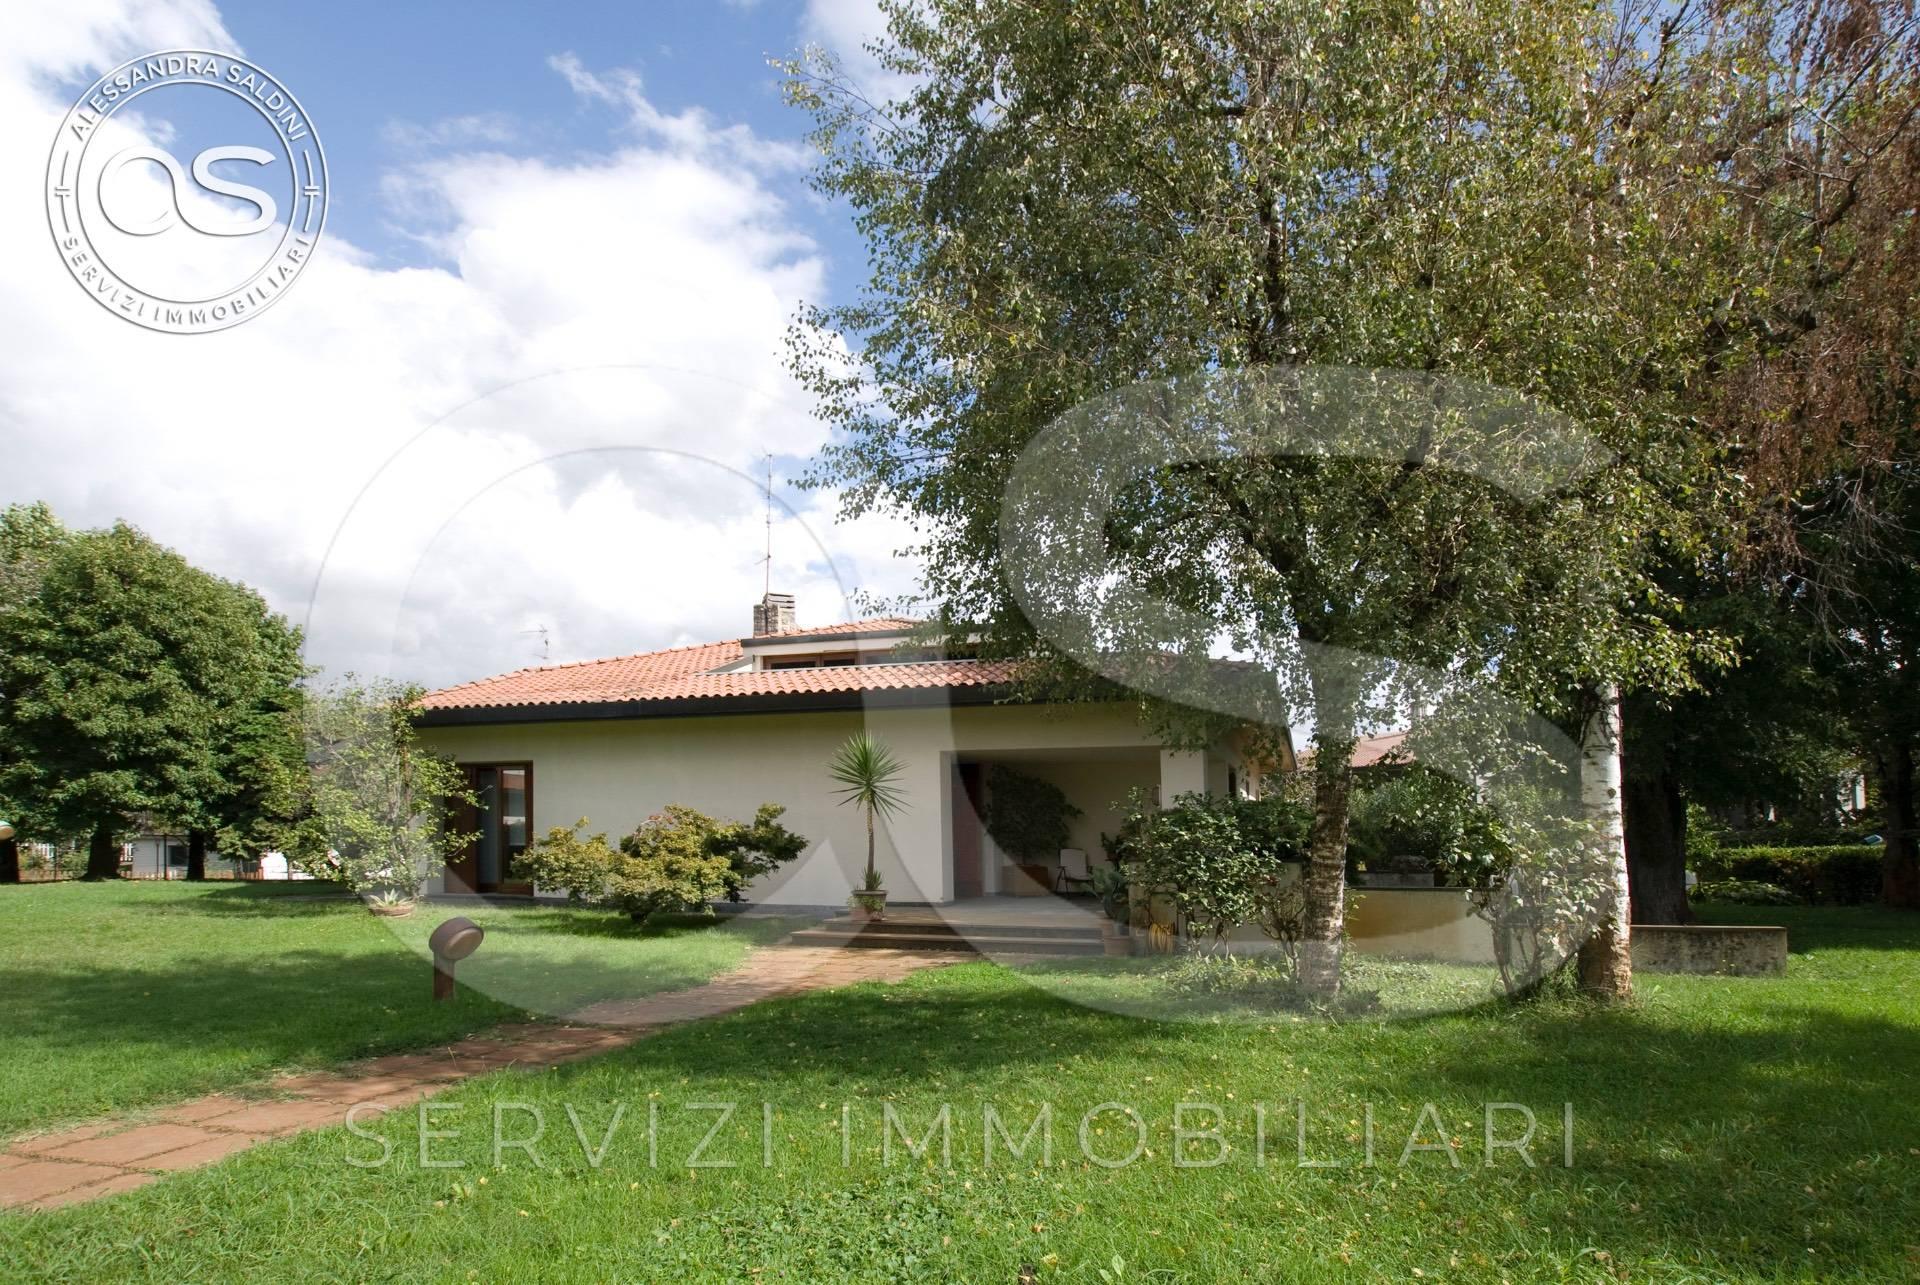 Villa in vendita a Manerbio, 6 locali, prezzo € 540.000 | CambioCasa.it